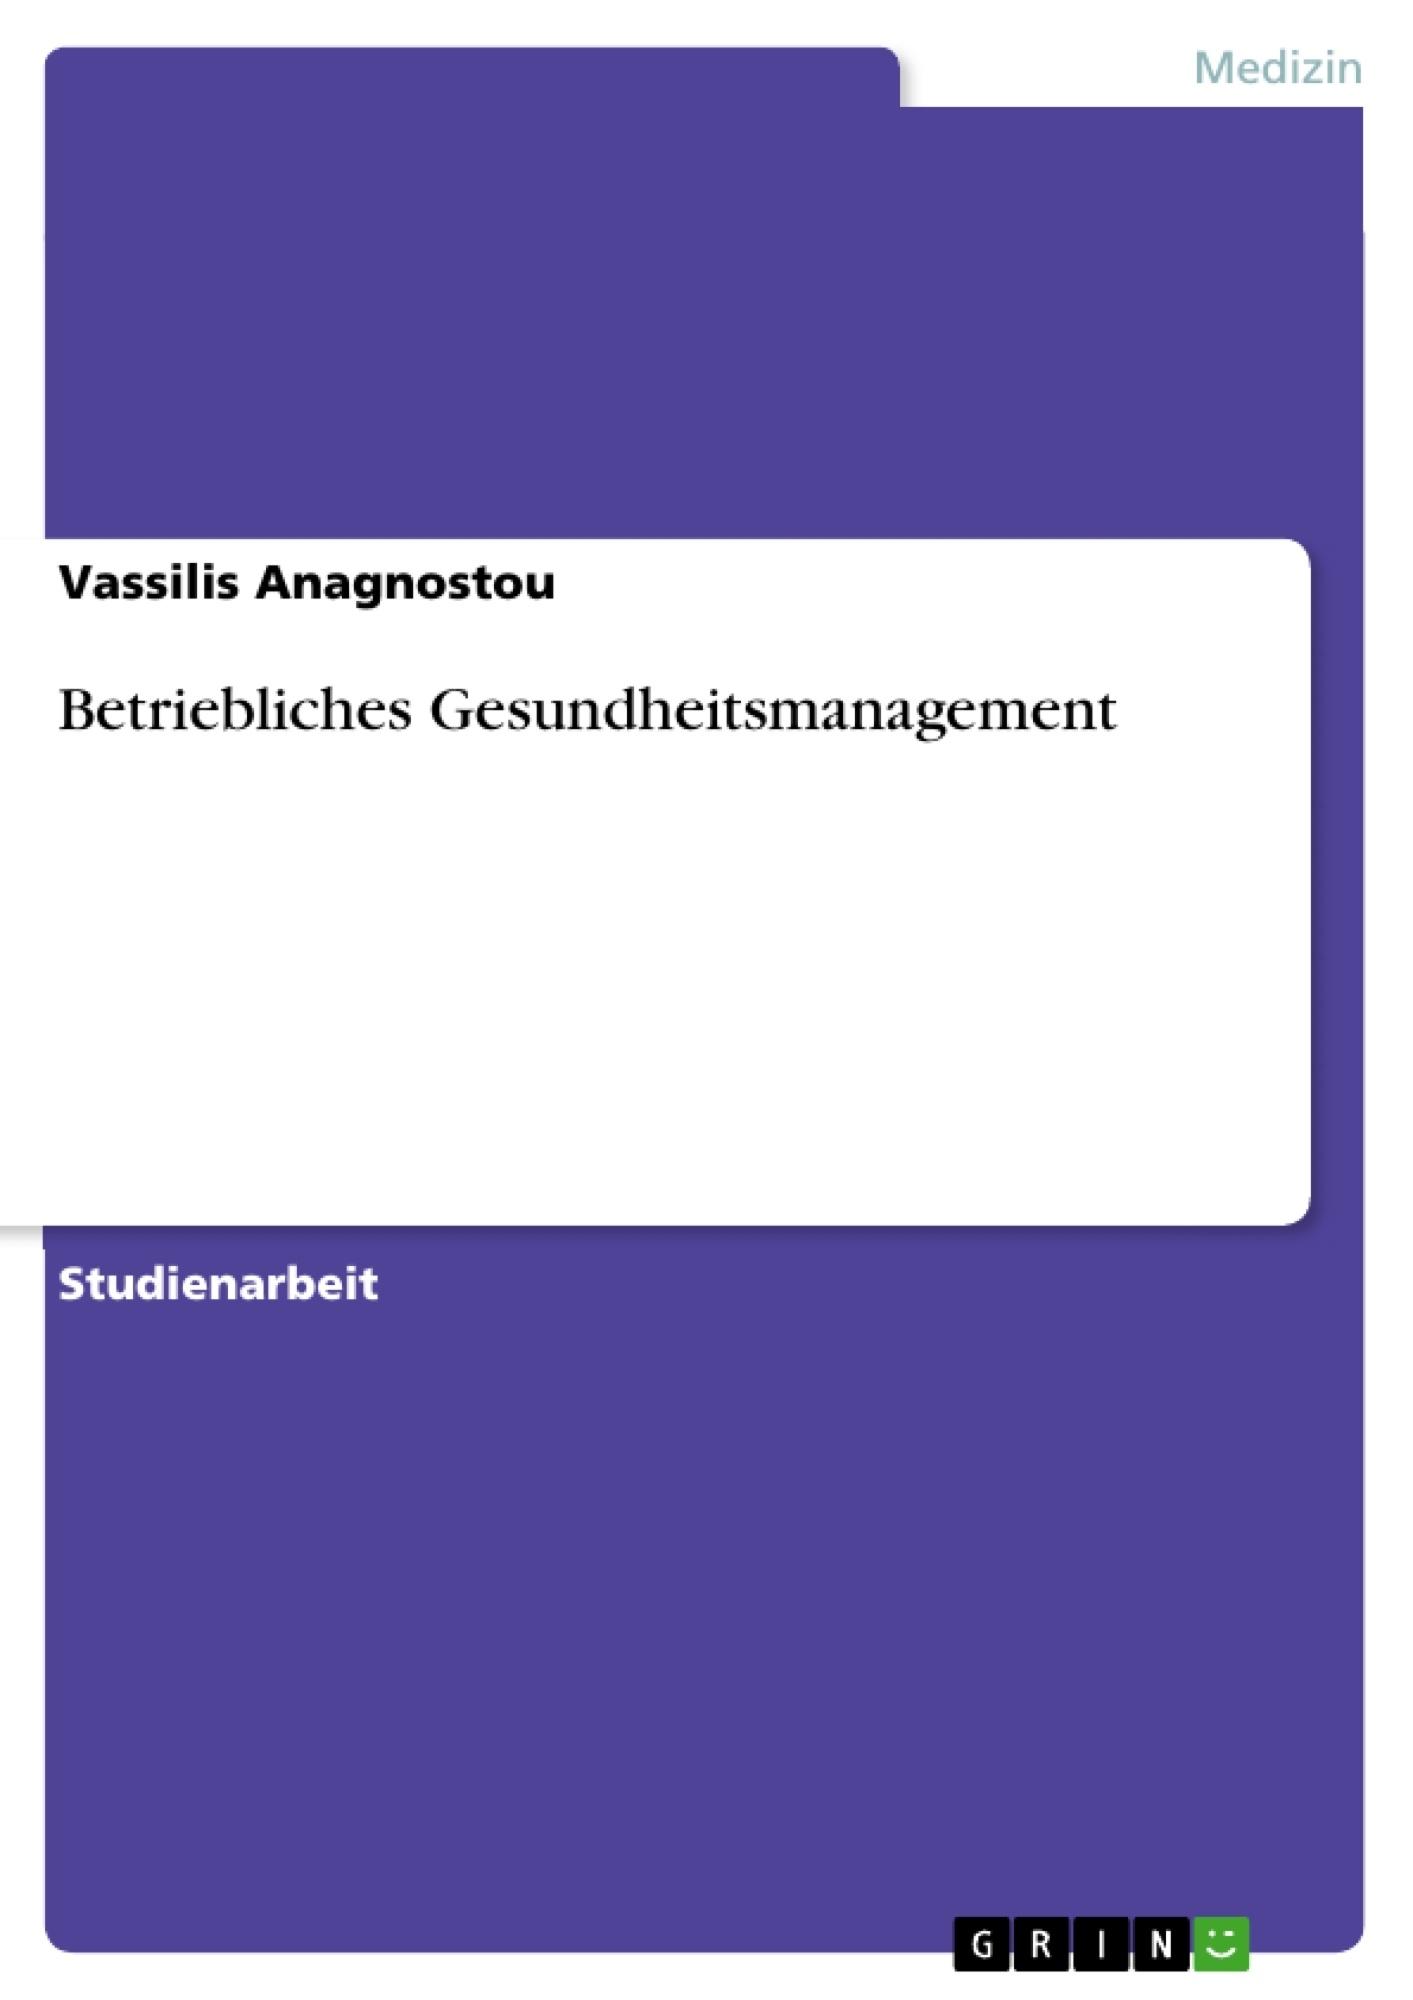 Titel: Betriebliches Gesundheitsmanagement